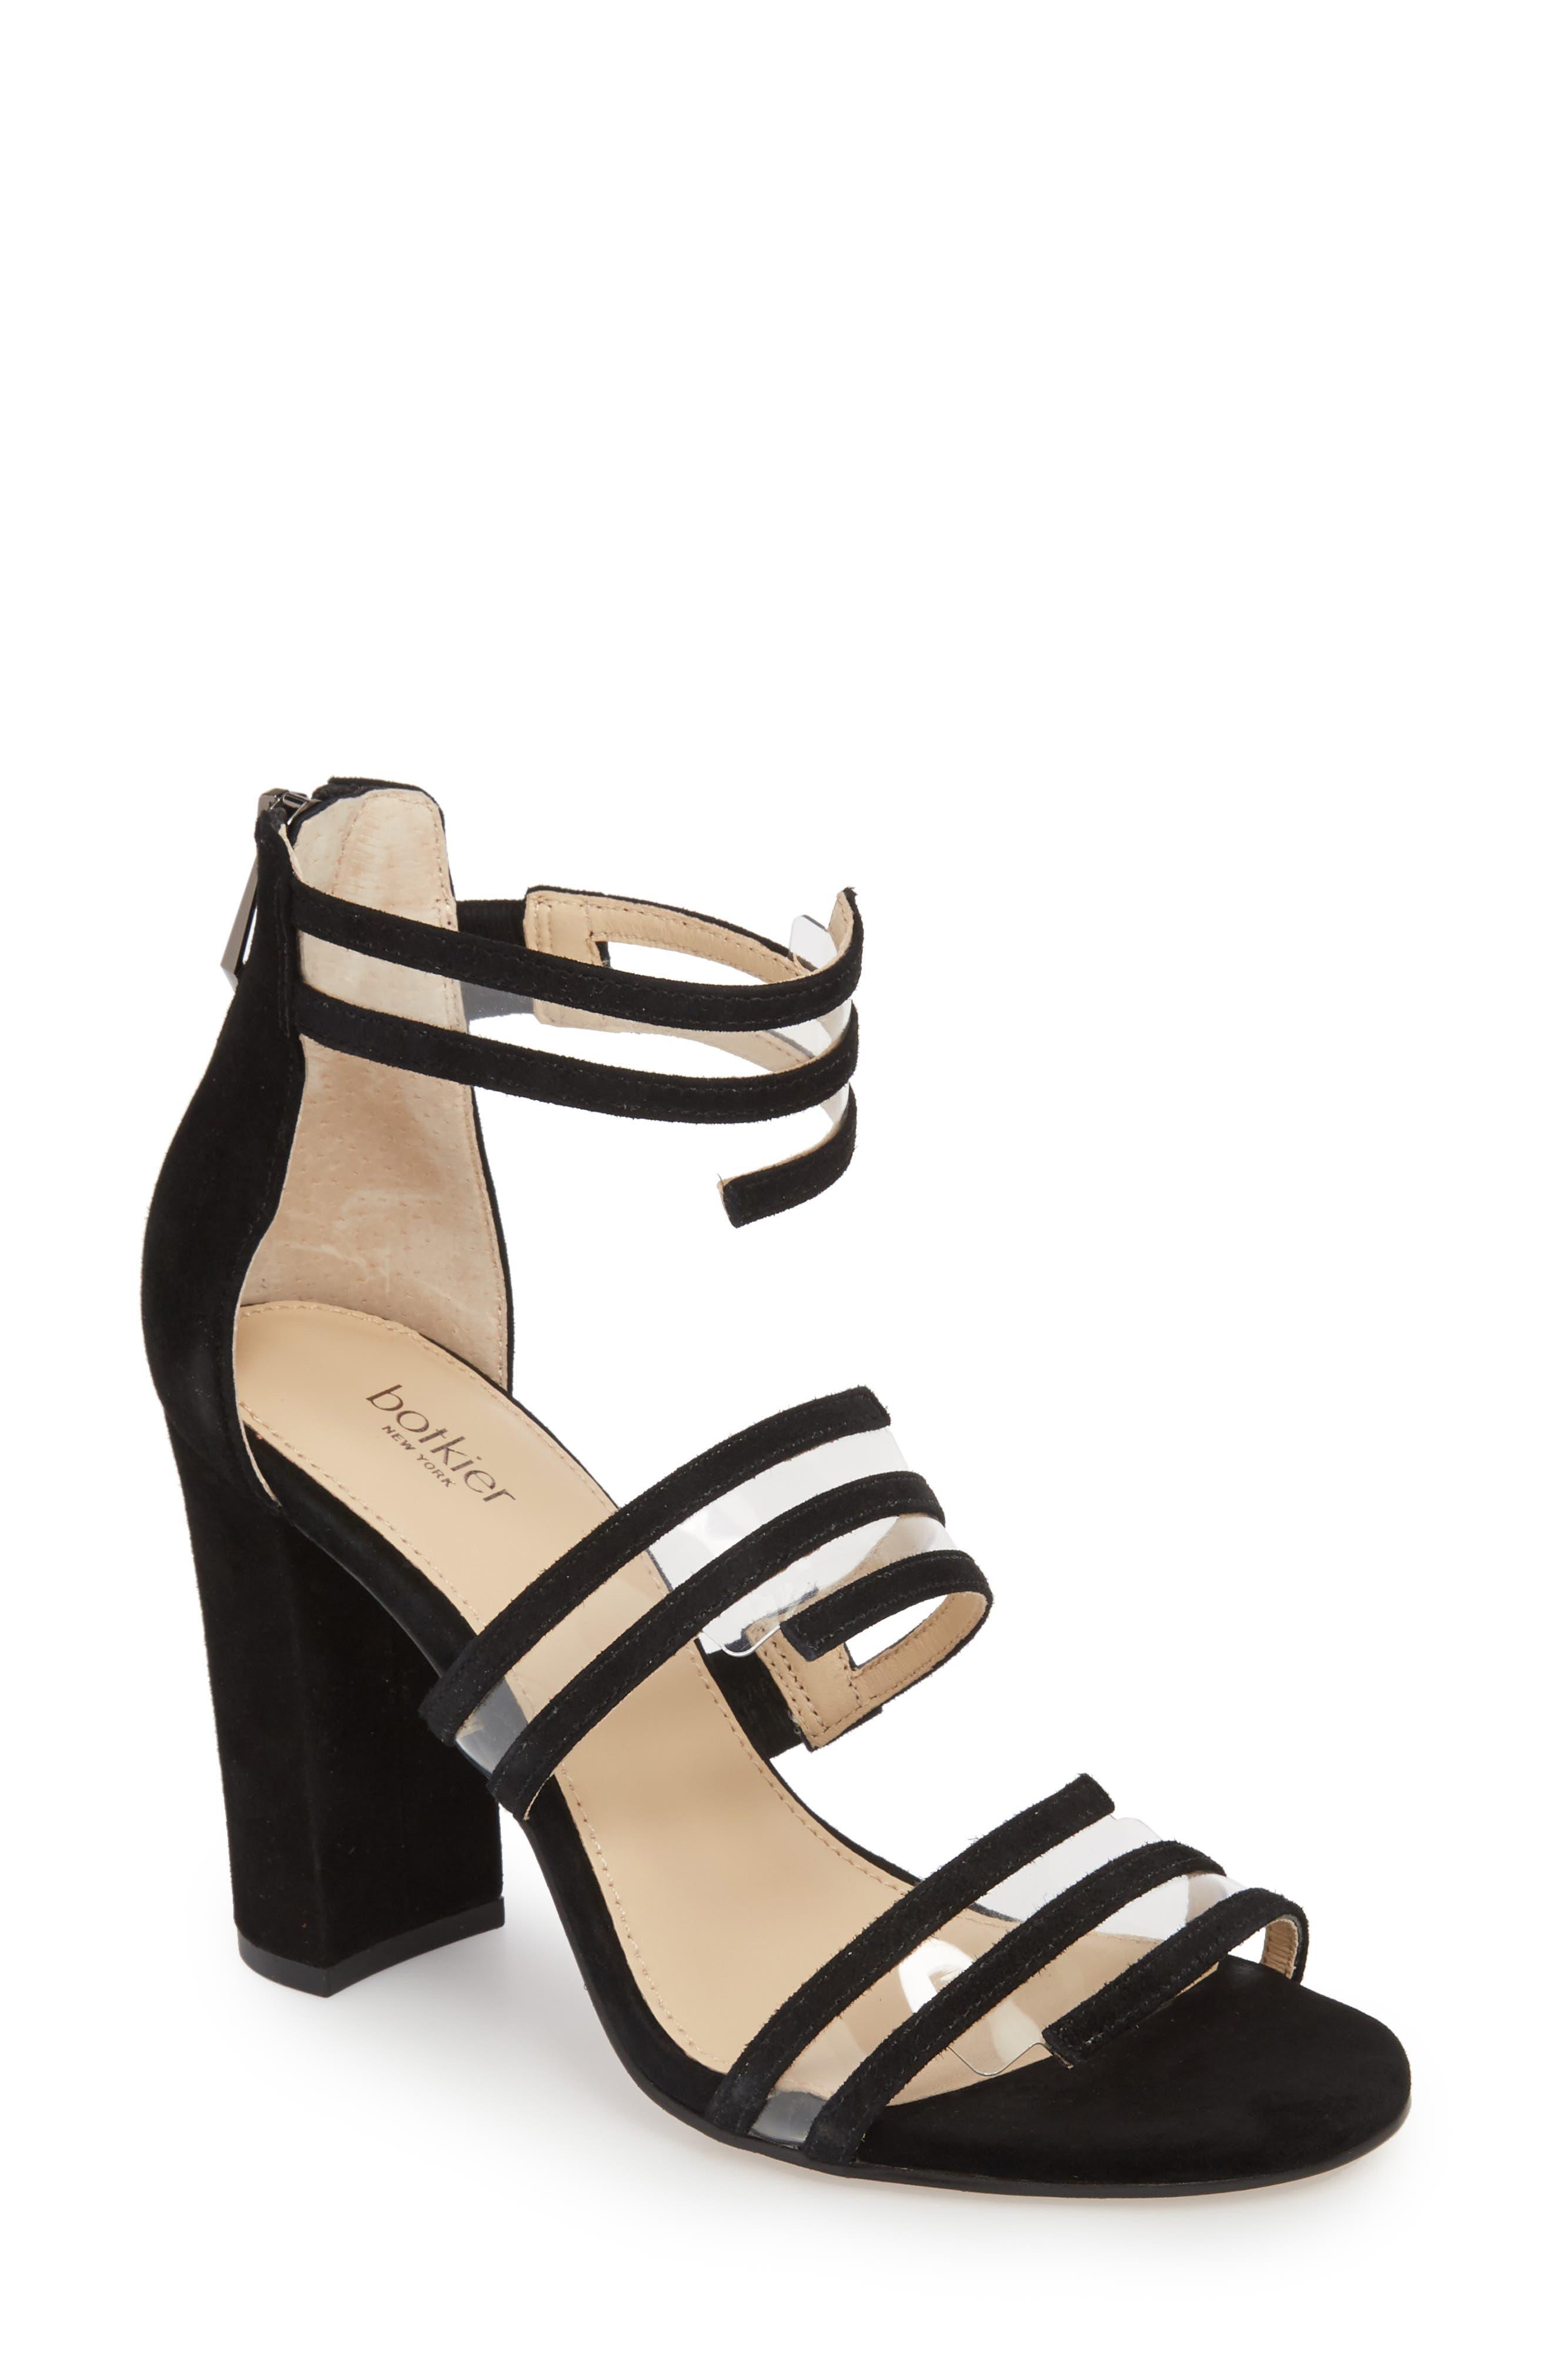 Grecia Sandal,                         Main,                         color, BLACK SUEDE